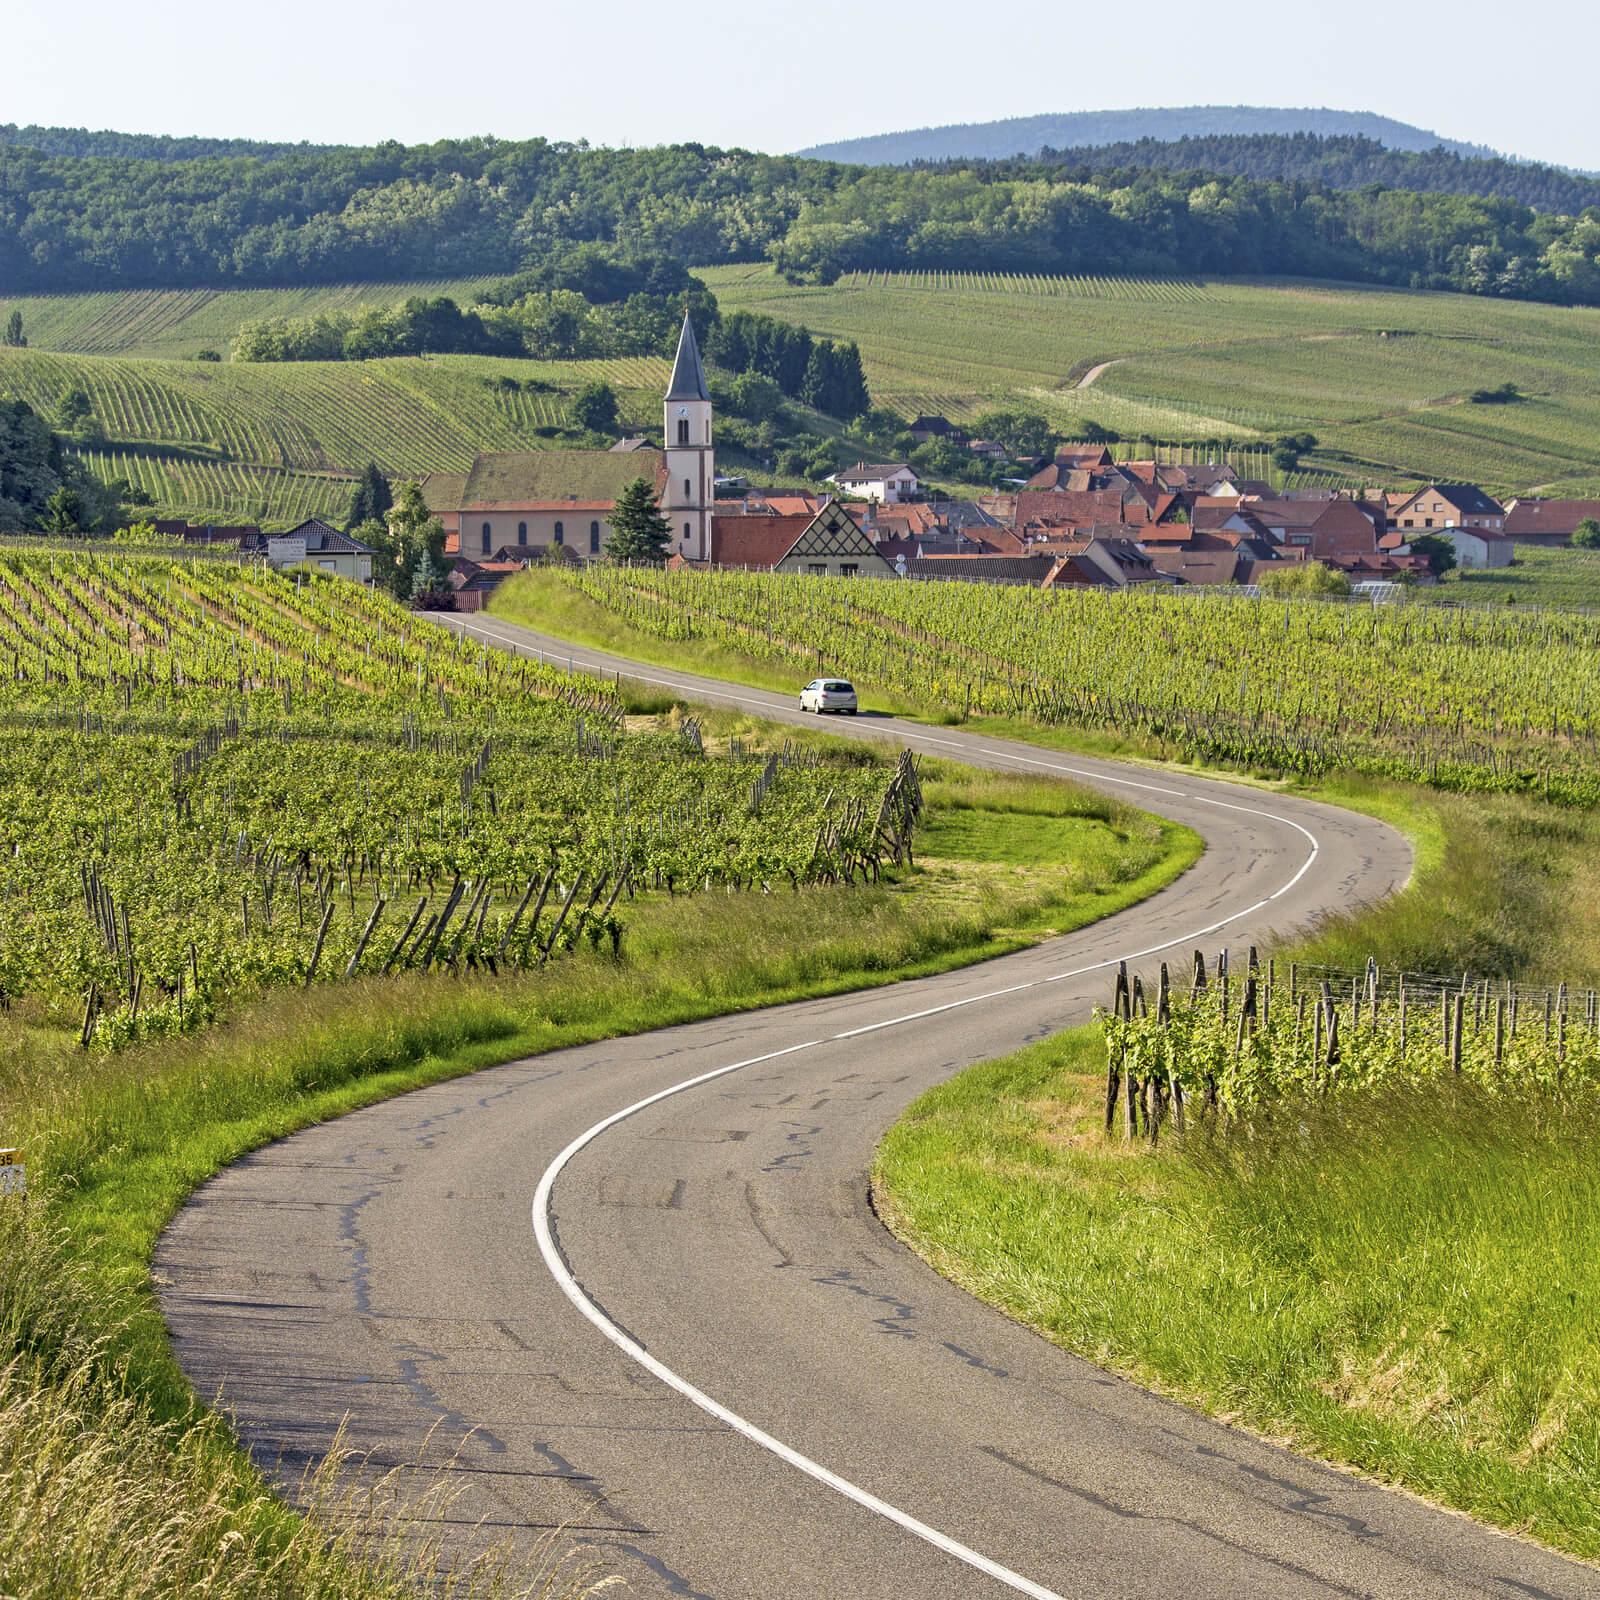 Route de campagne avec Mairie au loin